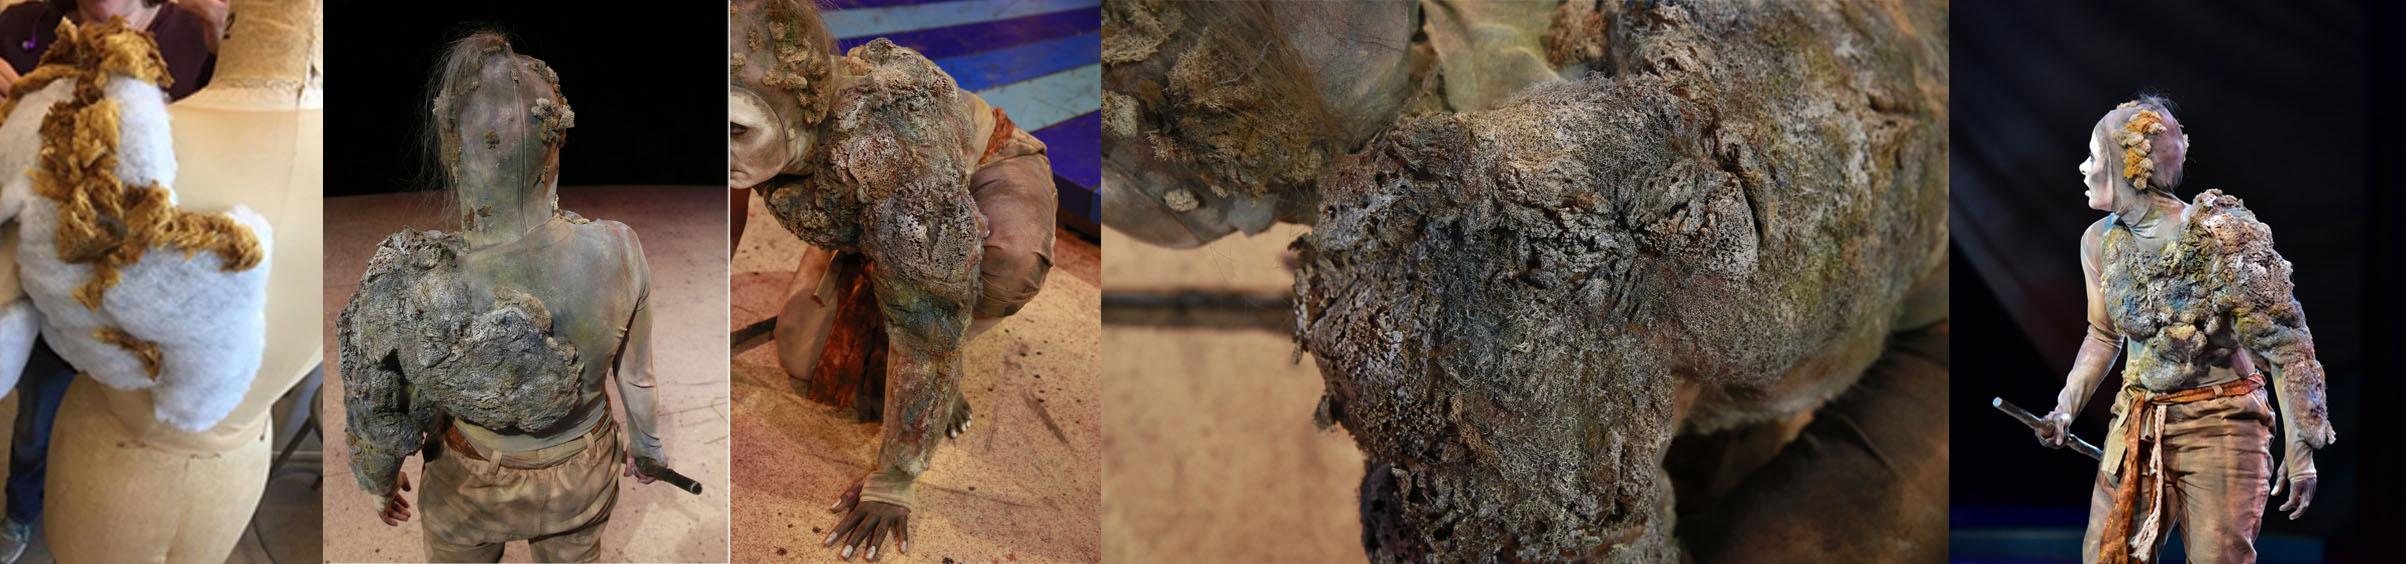 Close up photos of Caliban's growth